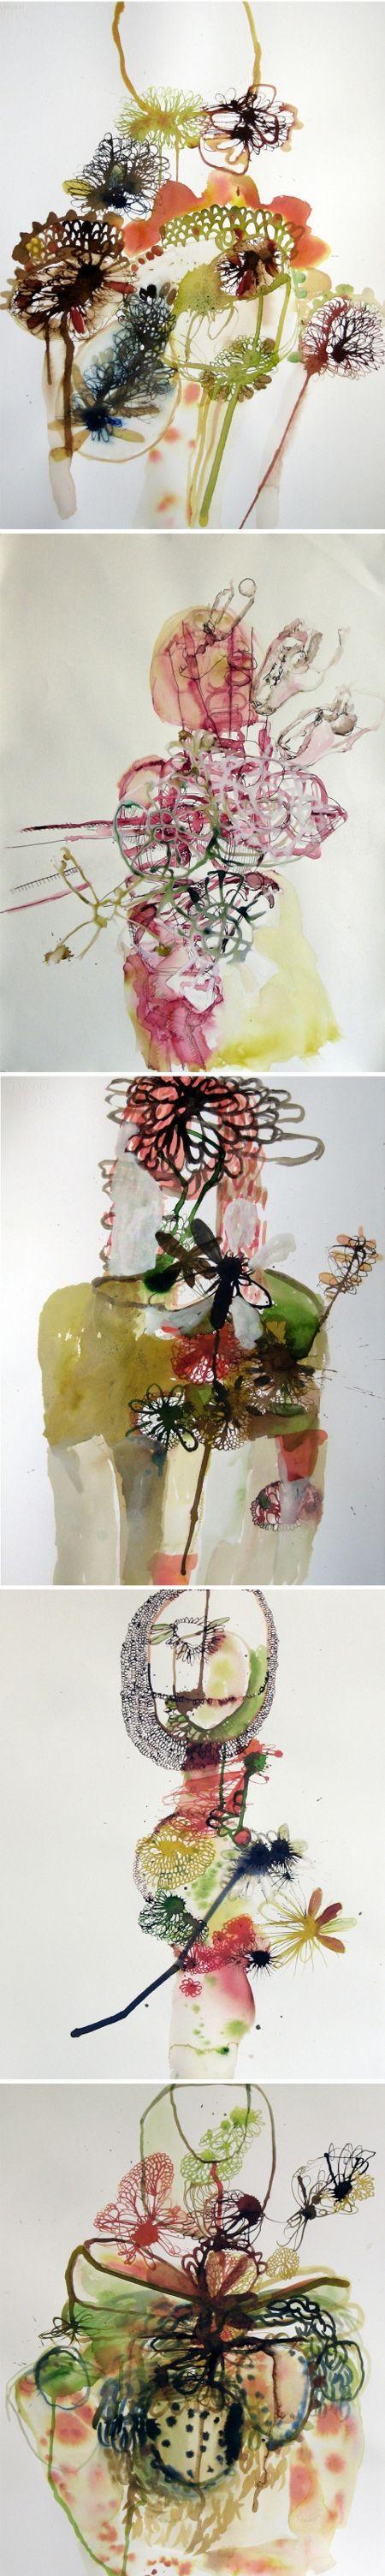 American artist Elizabeth Terhune